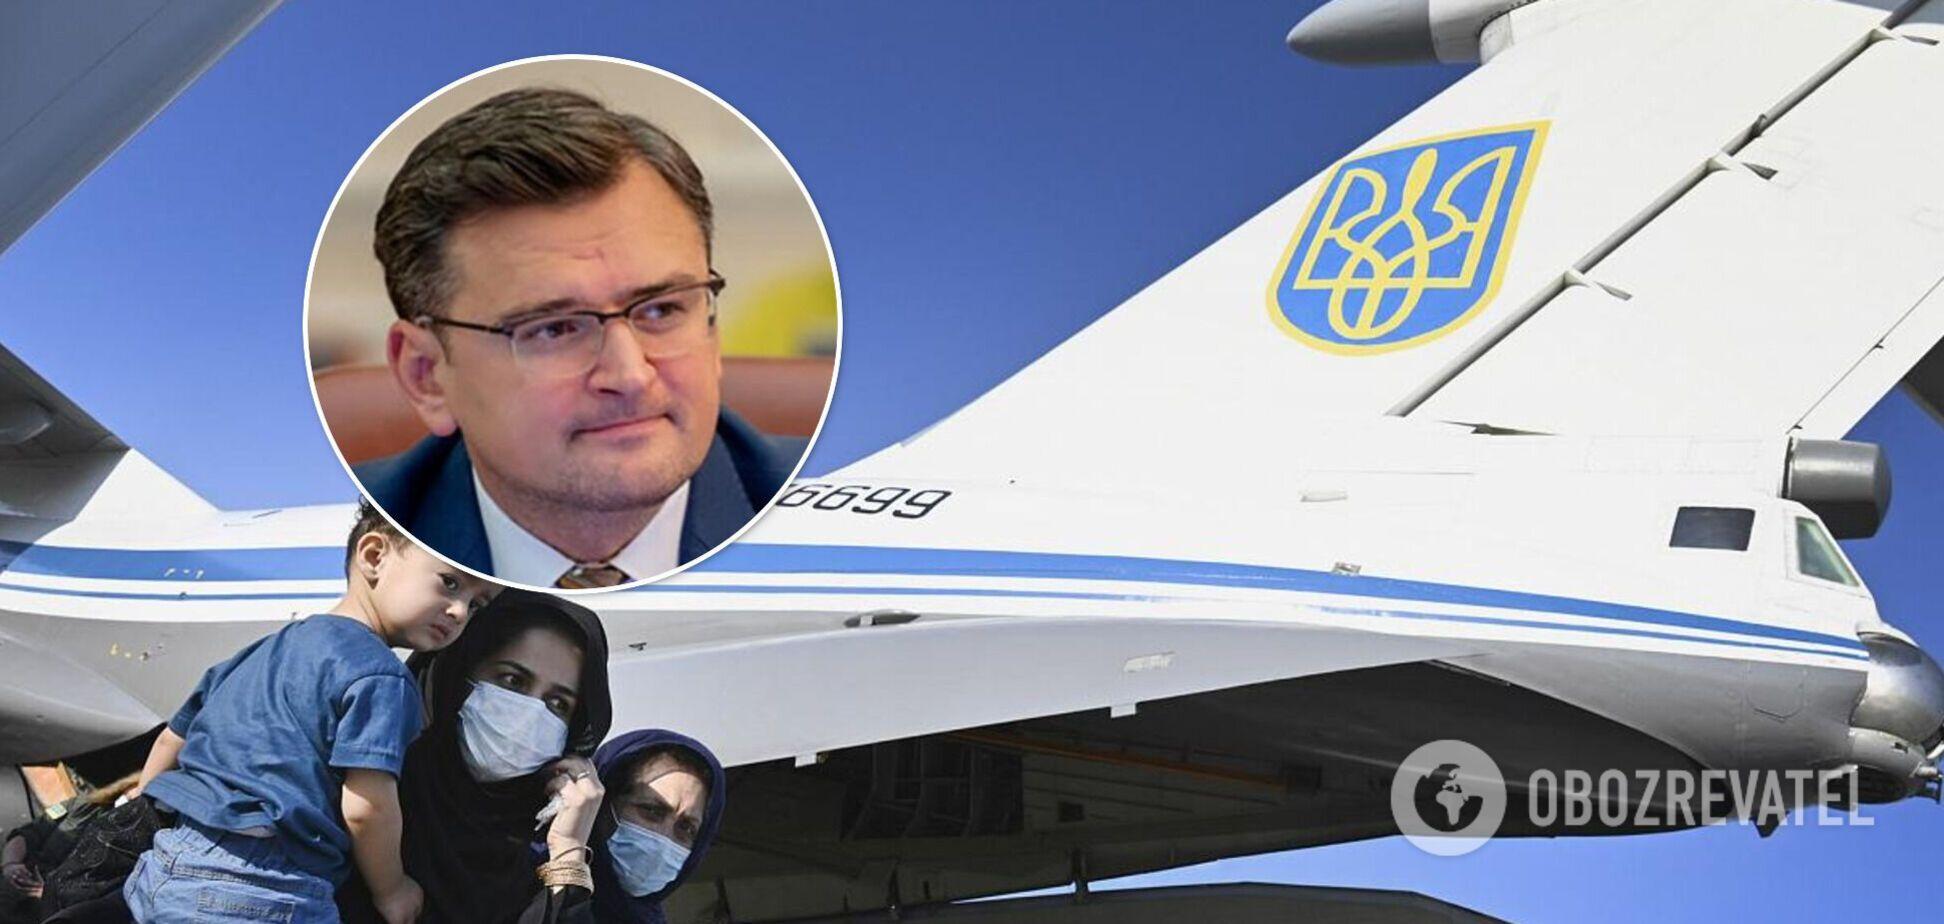 Ситуація змінилася раптово: з'ясувалися нові деталі 'захоплення' українського літака в Кабулі